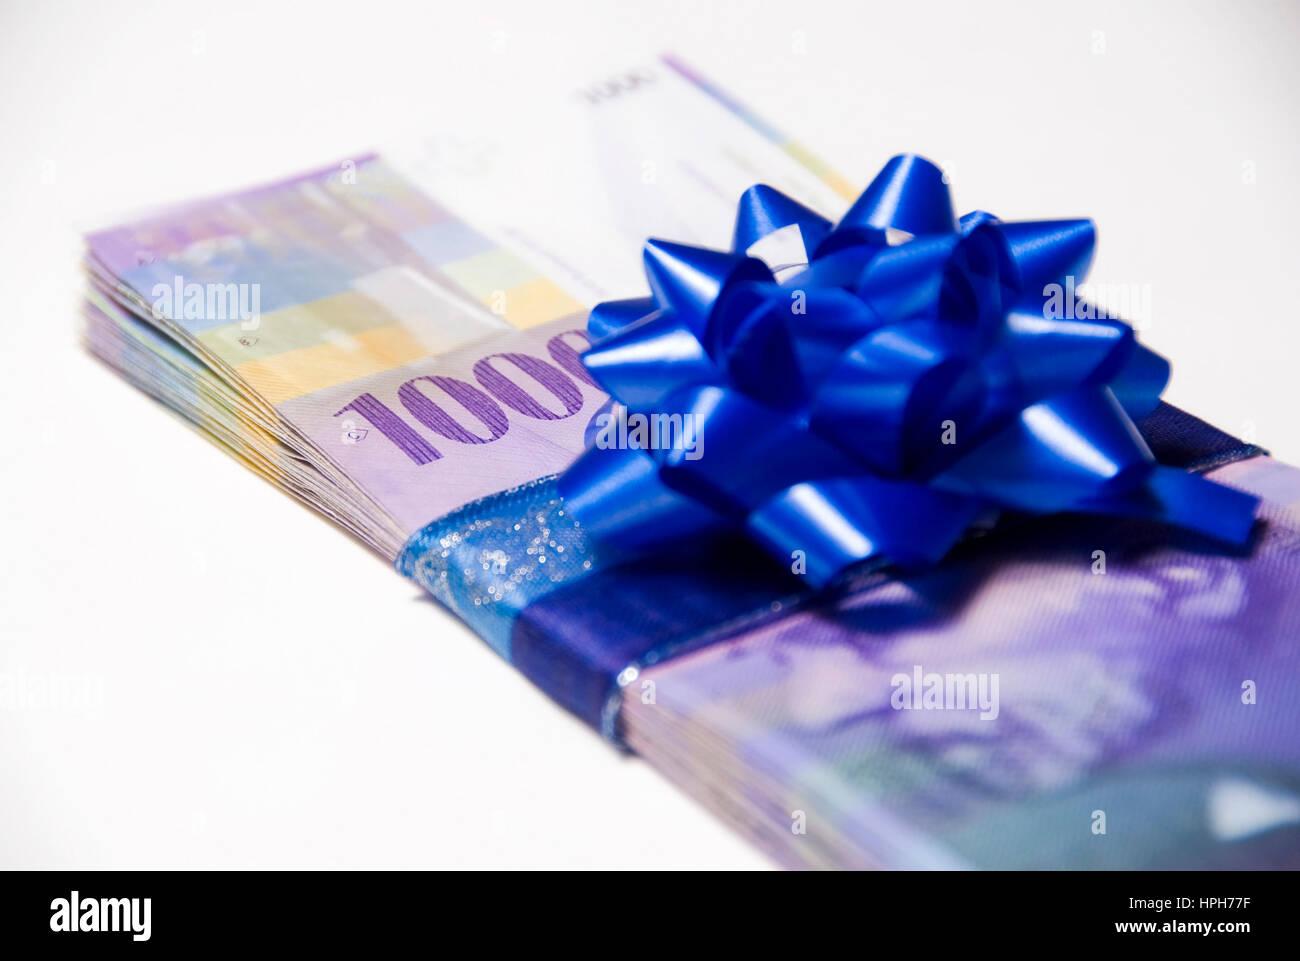 Schweizer Franken mit Geschenksmasche - Swiss Francs with present bow - Stock Image